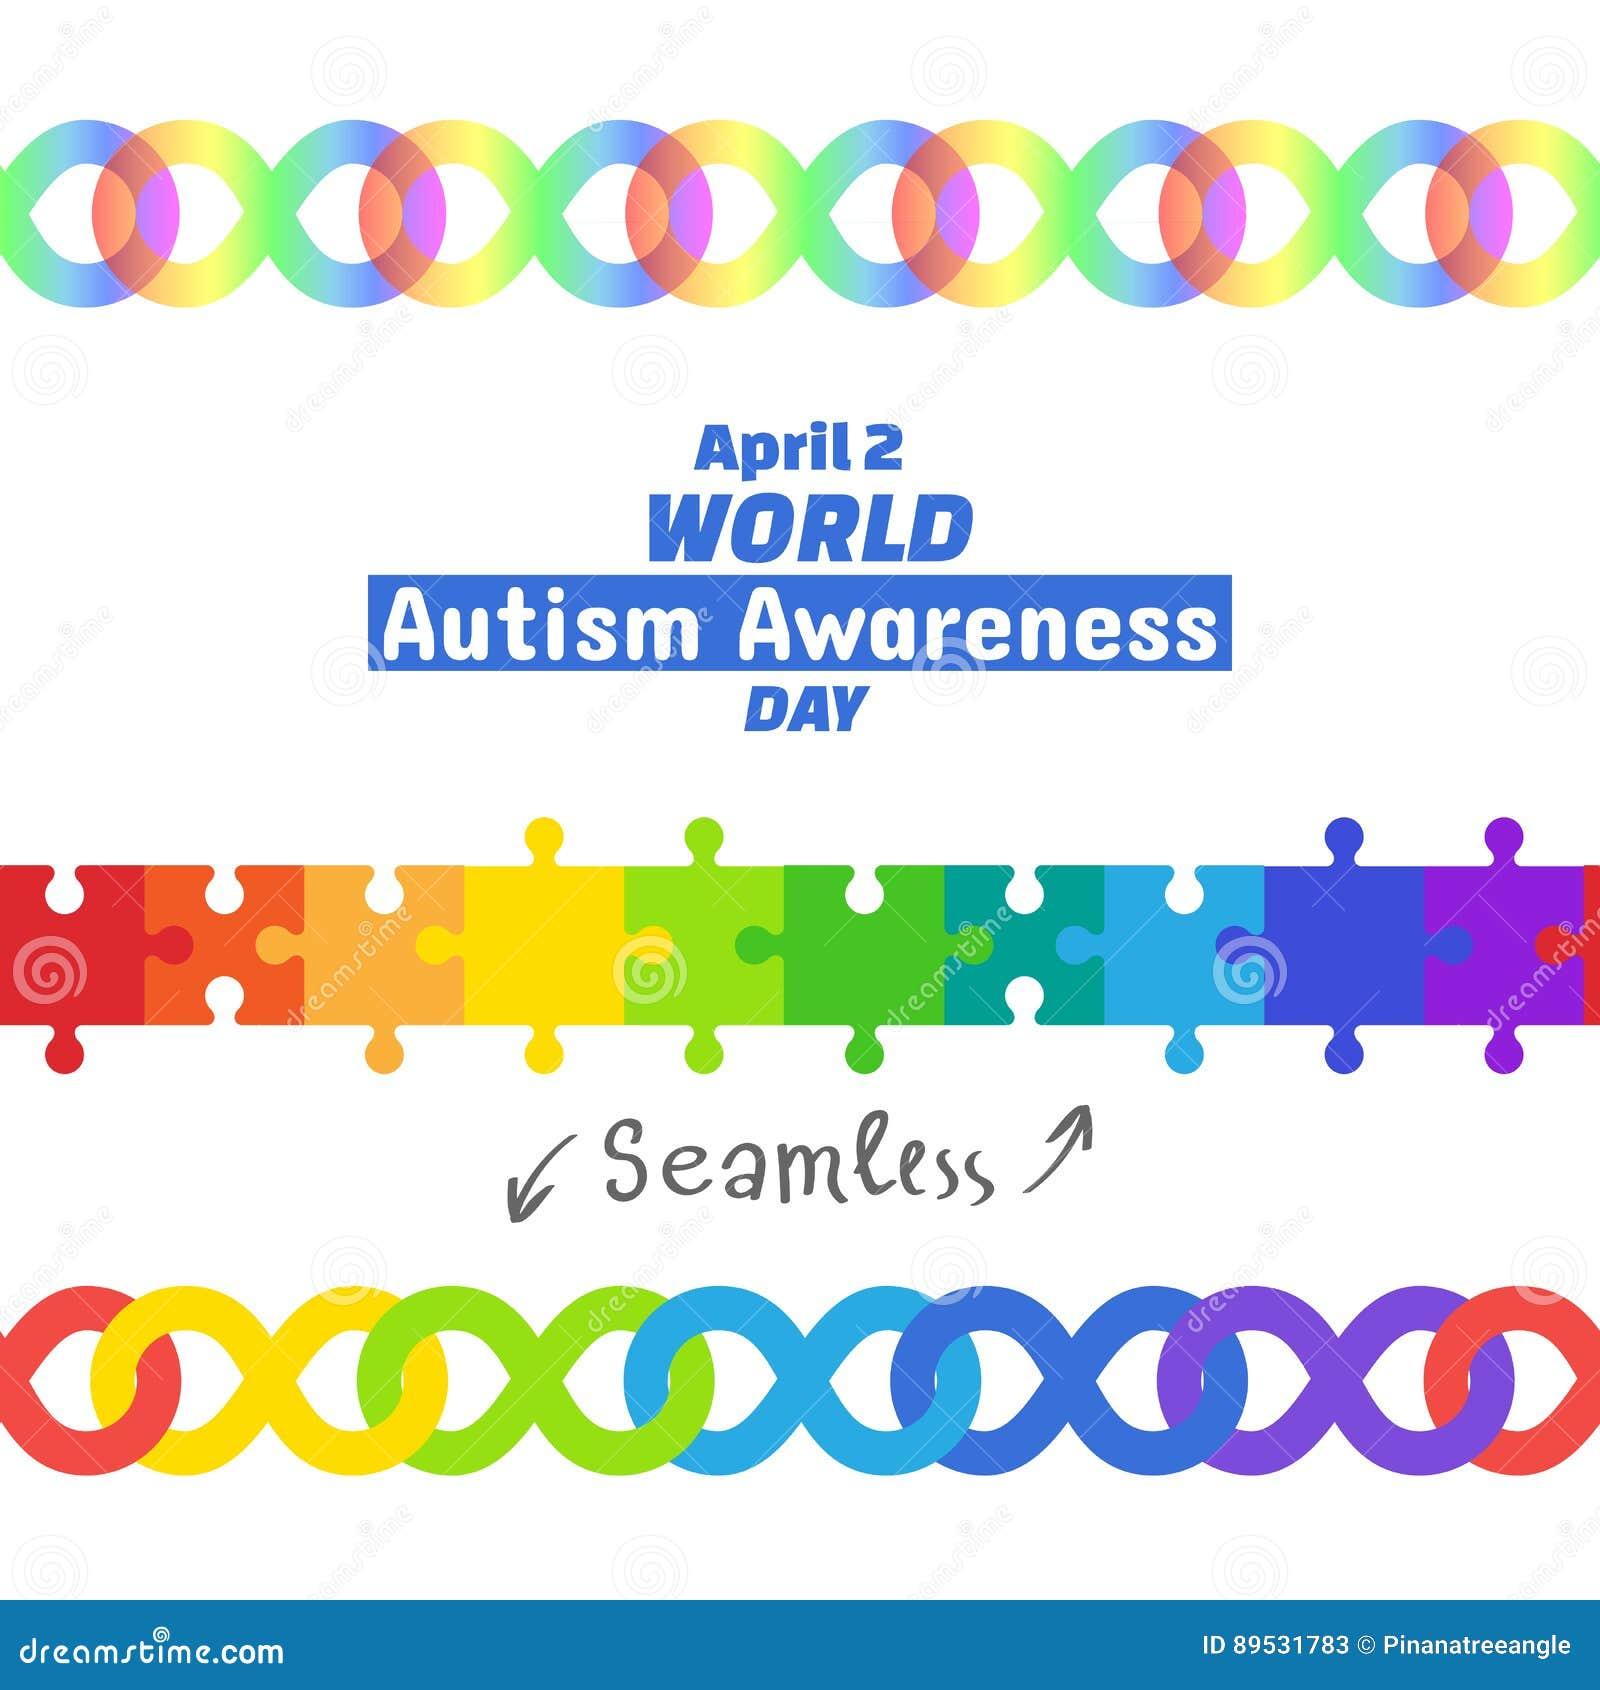 World autism awareness day april 2 2017 stock illustration world autism awareness day april 2 2017 biocorpaavc